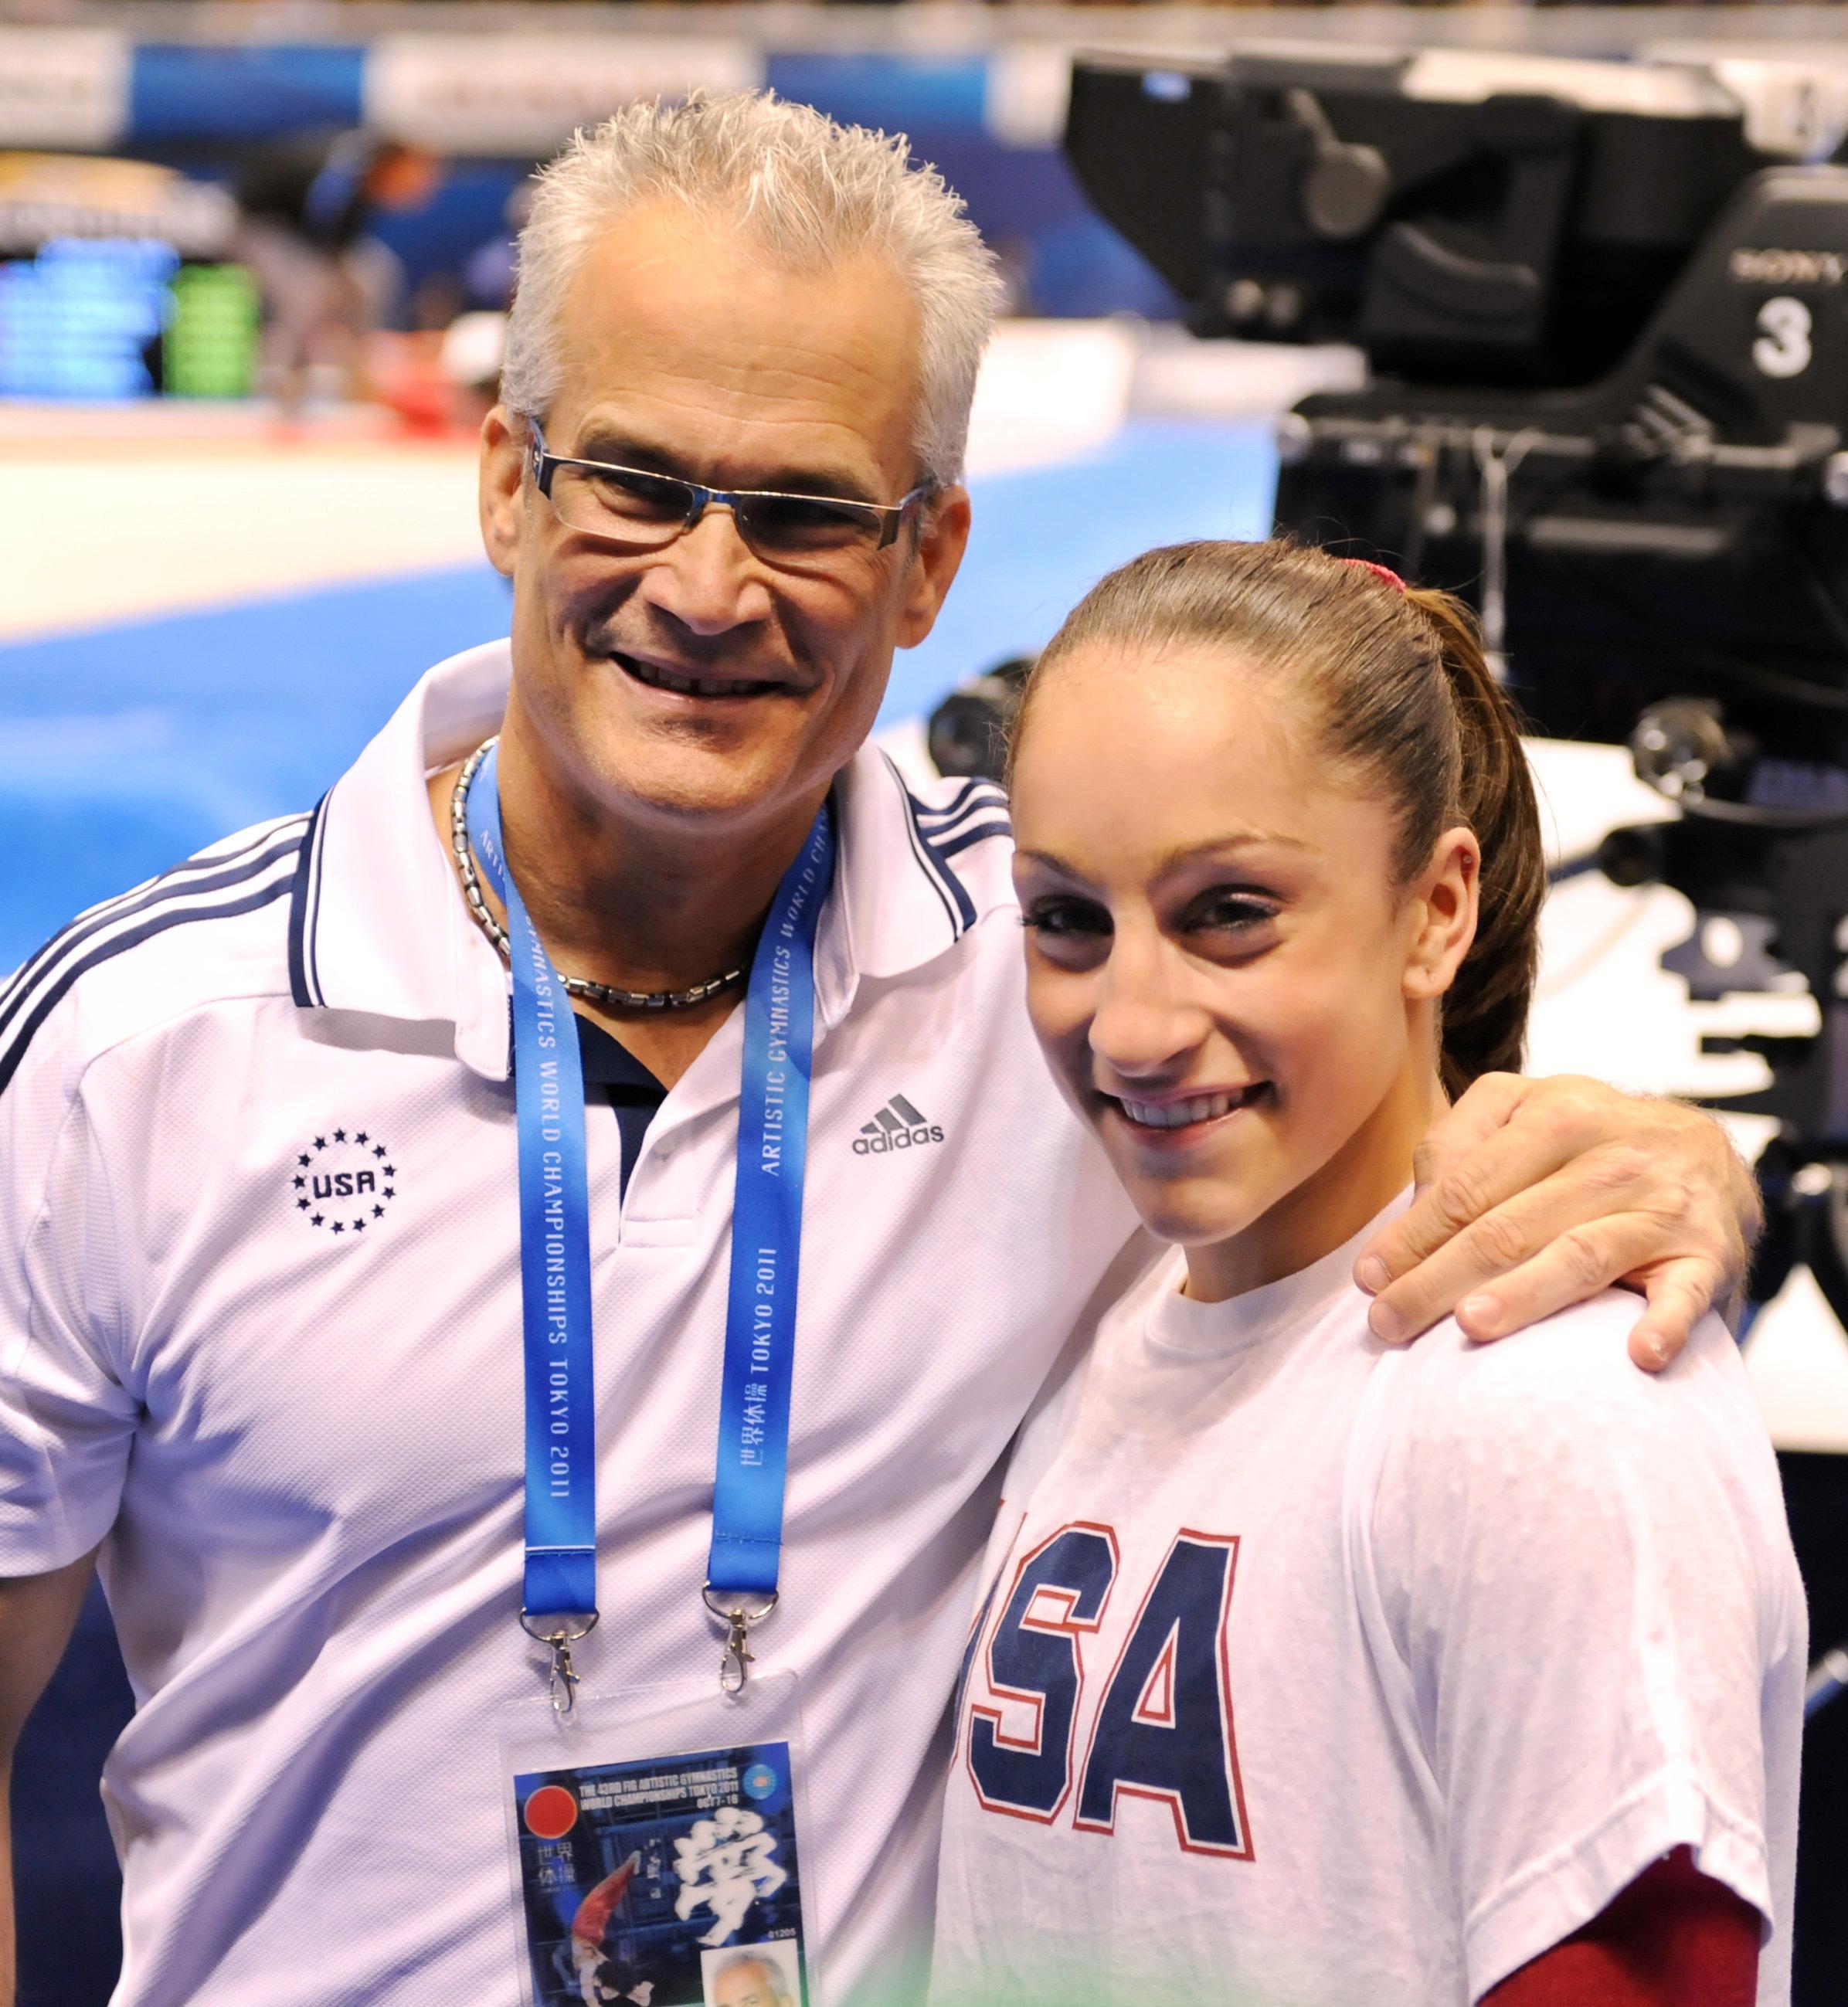 Former USA Gymnastics Olympic coach John Geddert with Olympian Jordyn Wieber in 2011.